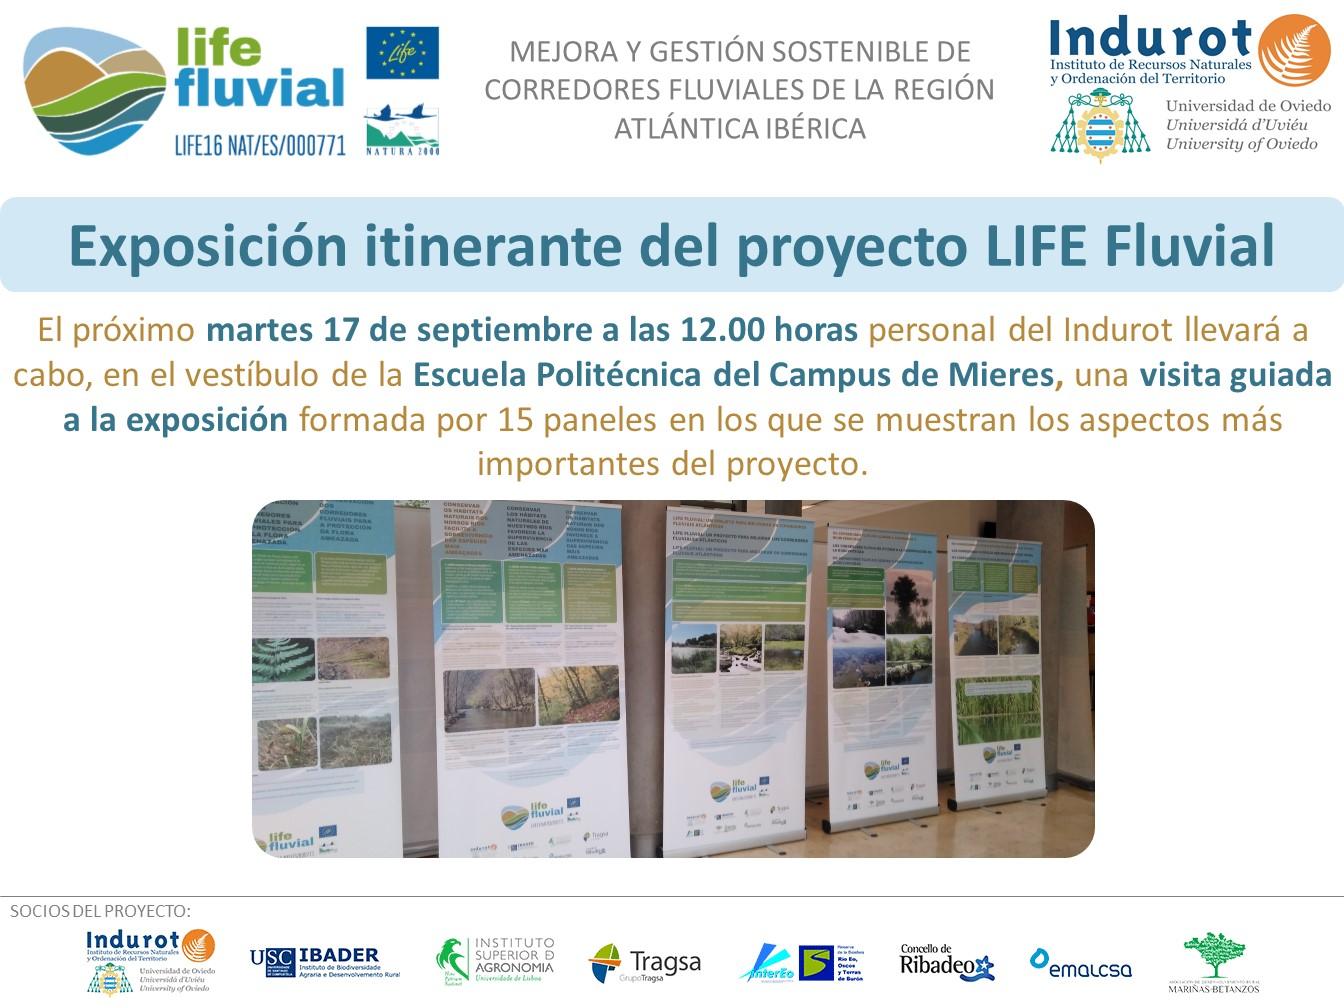 Visita guiada a la exposición itinerante del proyecto LIFE Fluvial en Mieres